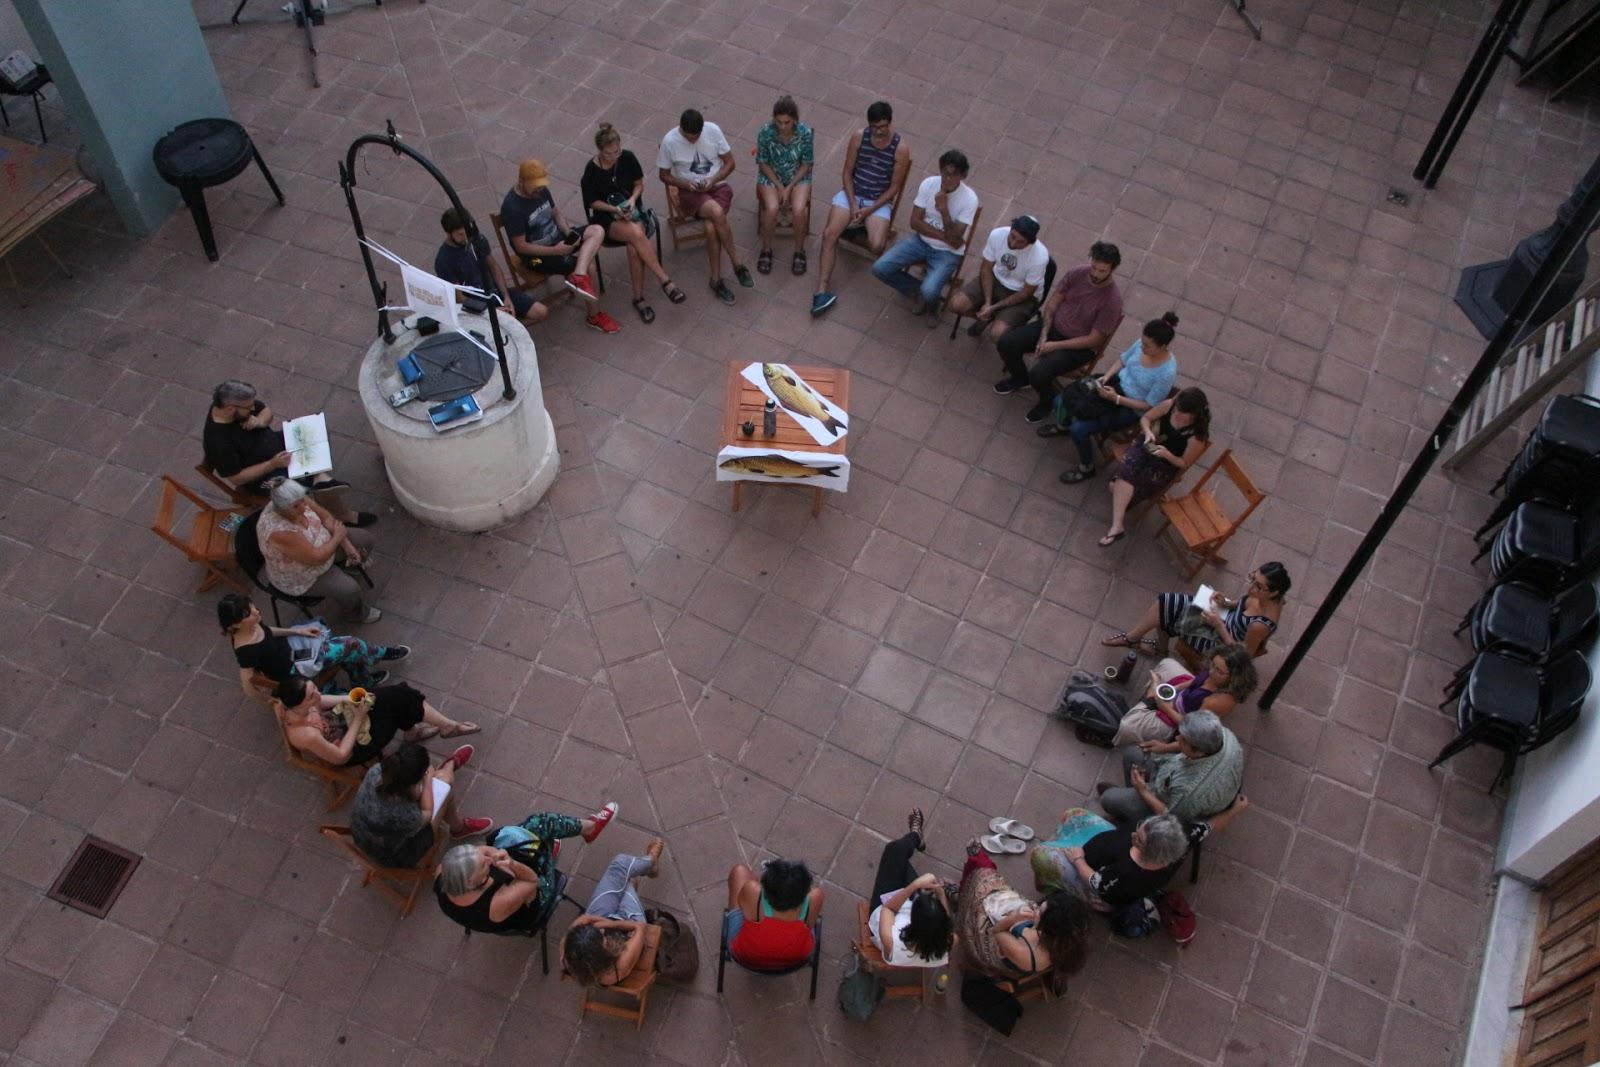 Hombres y mujeres desde diferentes saberes y experiencias, en comunión por el humedal. (foto: Taller Flotante)